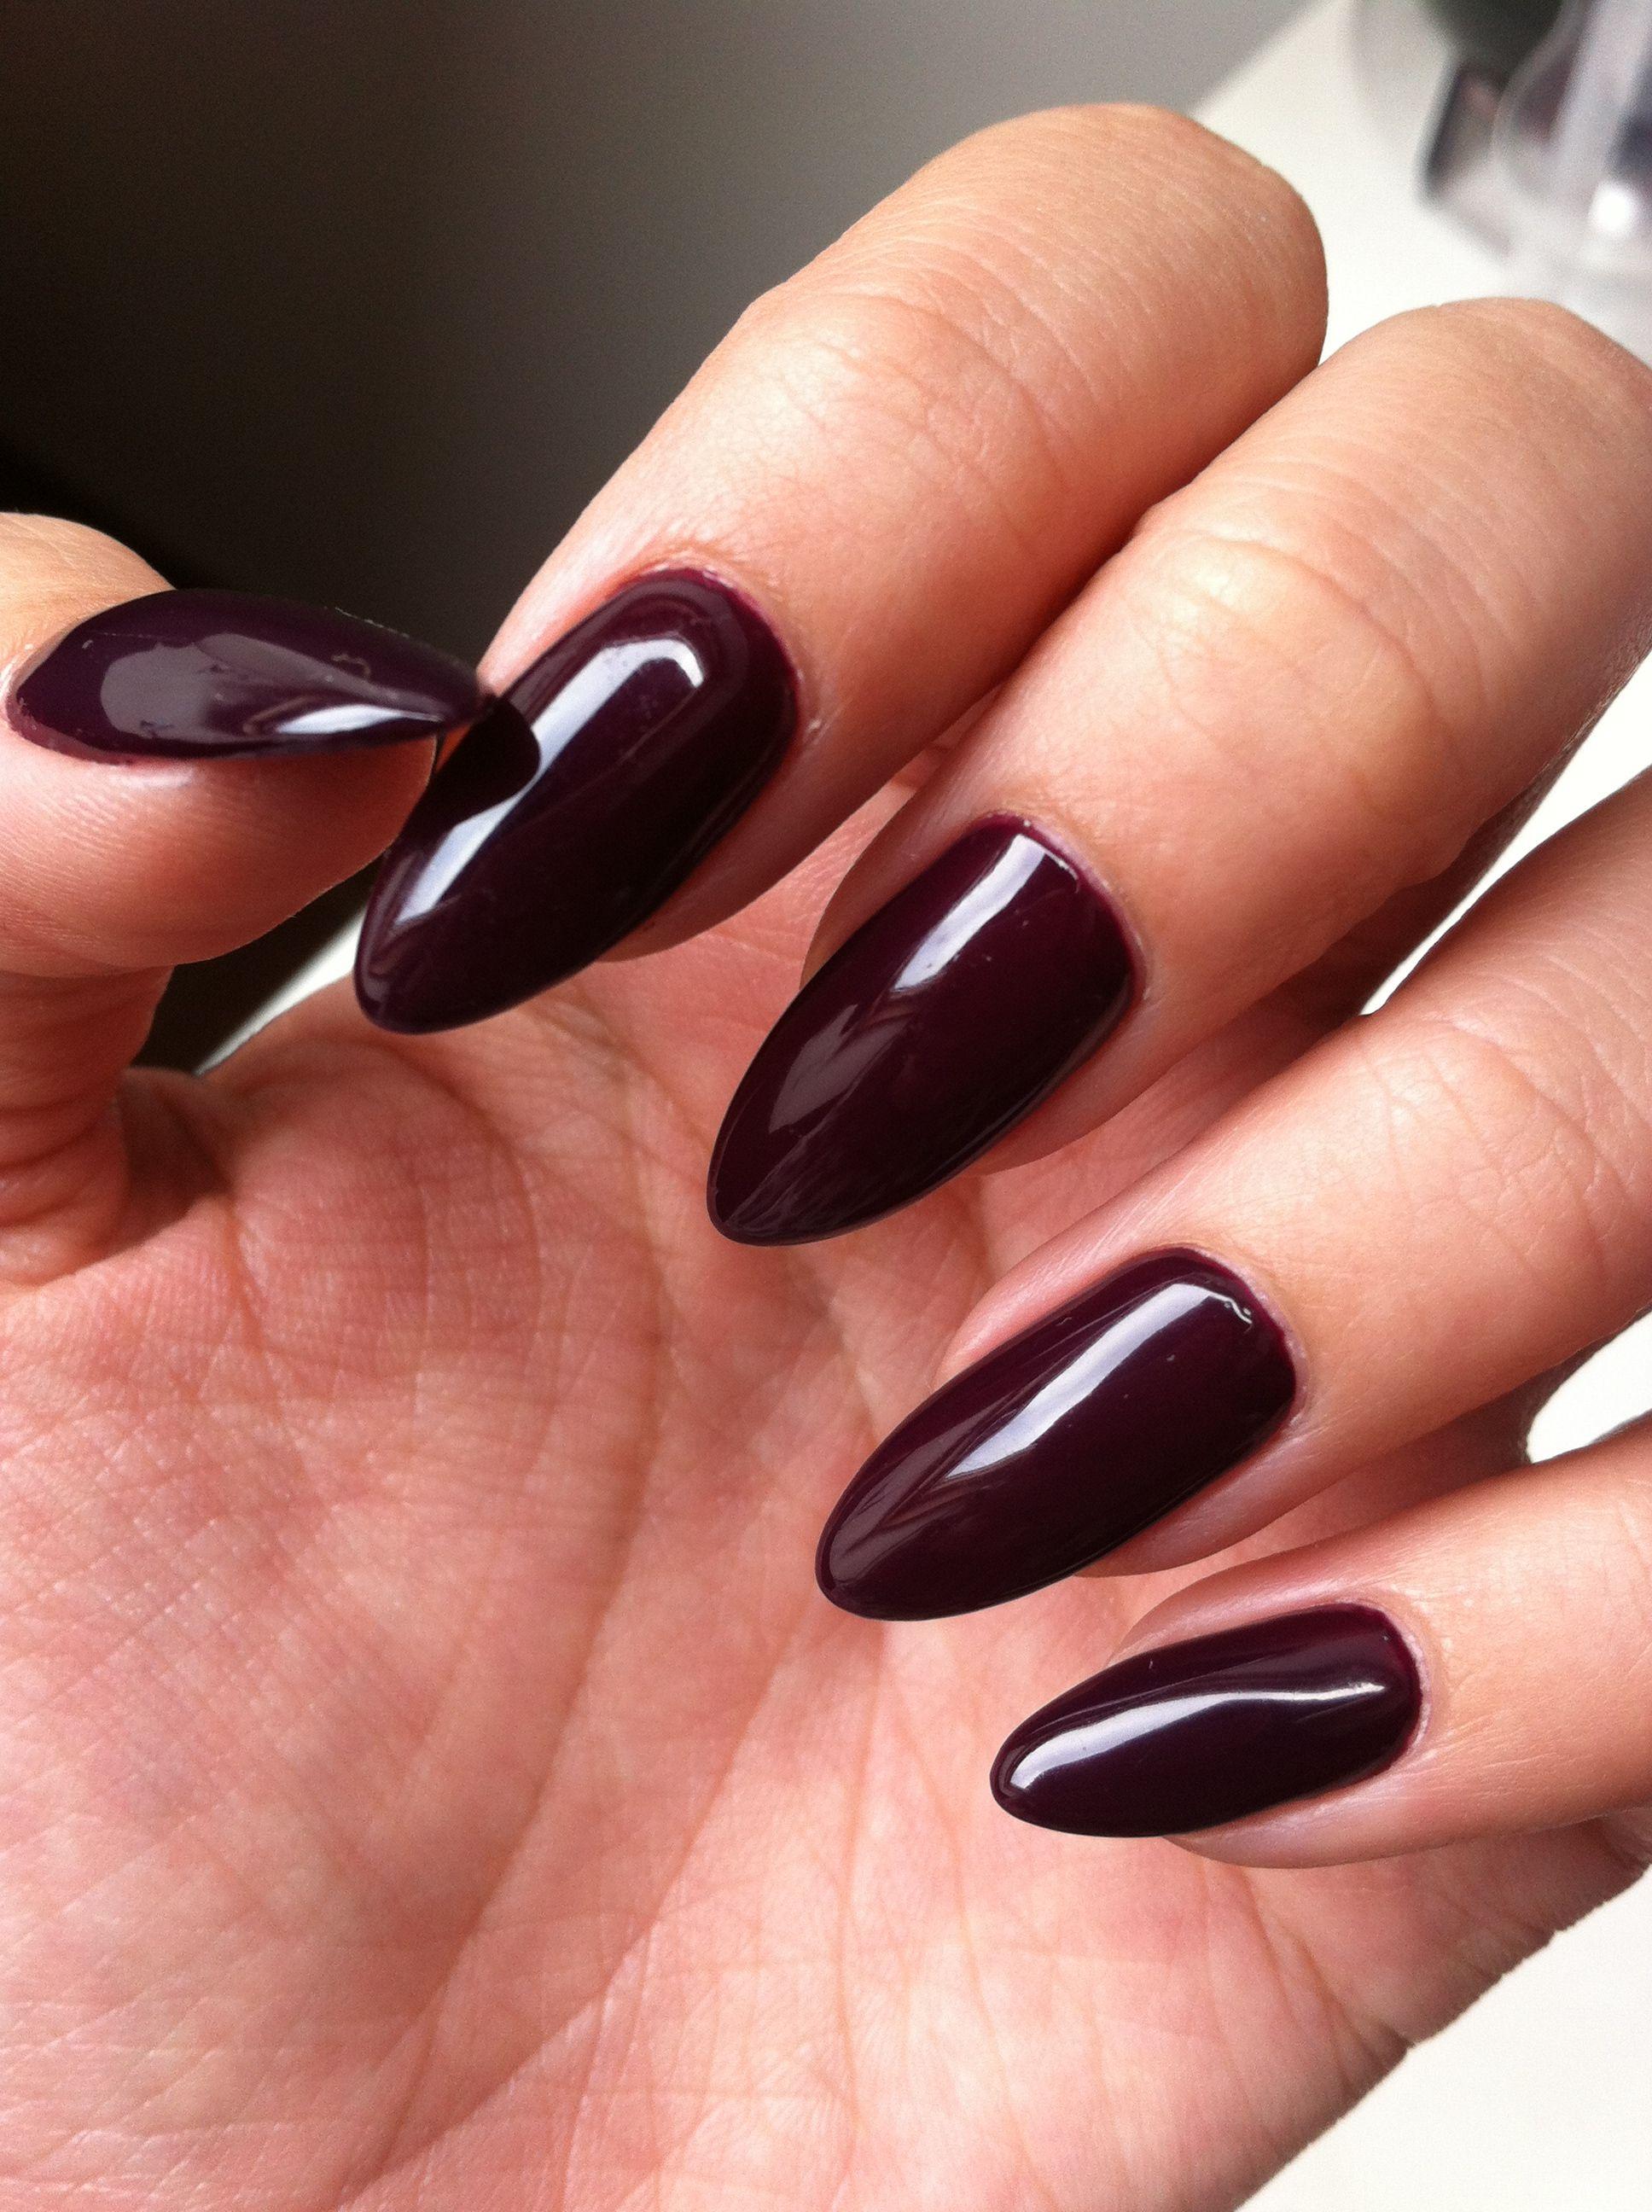 Pin By Bruna Machado On Nogti Red Nails Nail Designs Nails